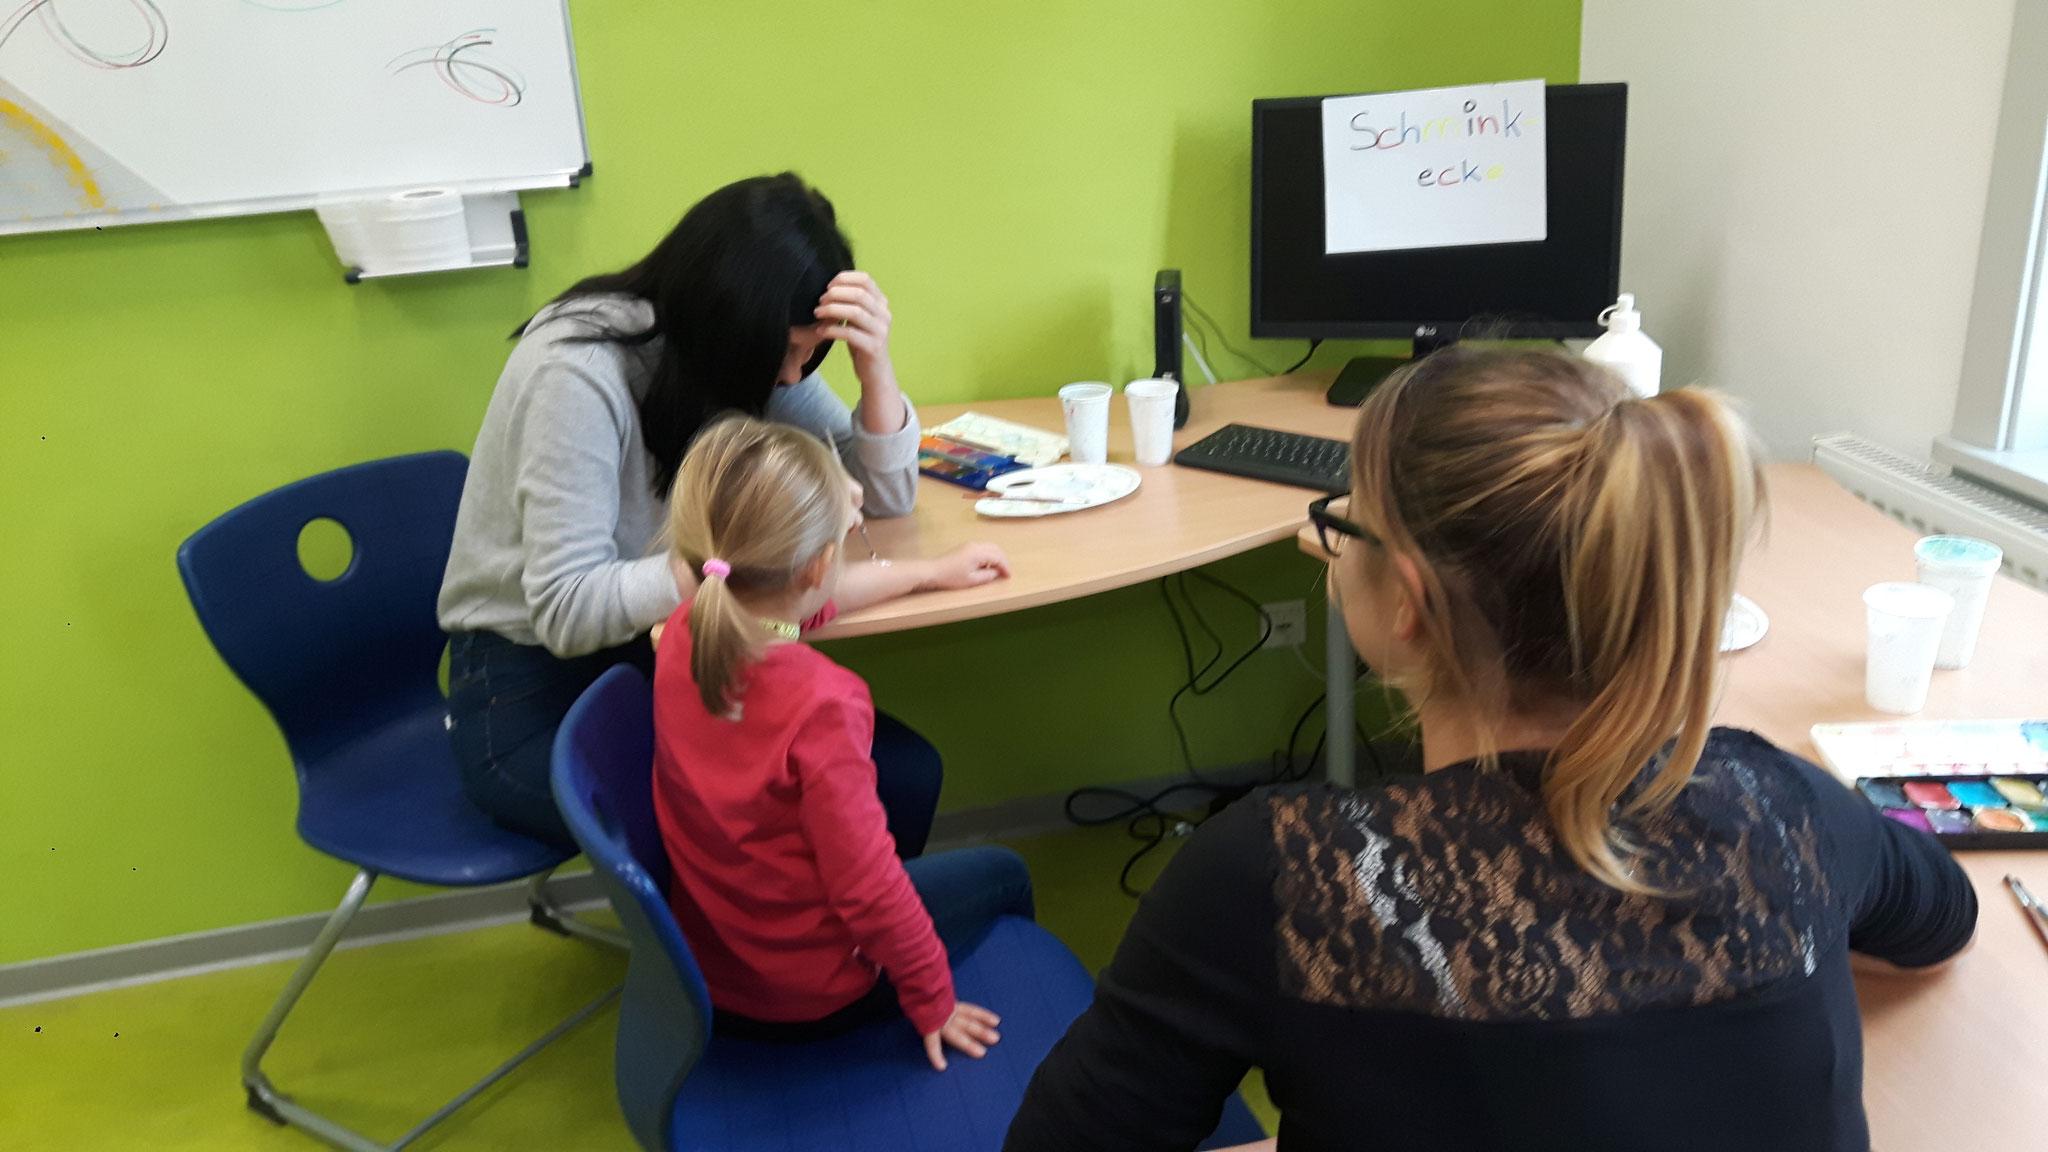 Um Kinderbetreuung und Kinderschminken kümmerten sich Schüler der 9. und 10 Klasse.